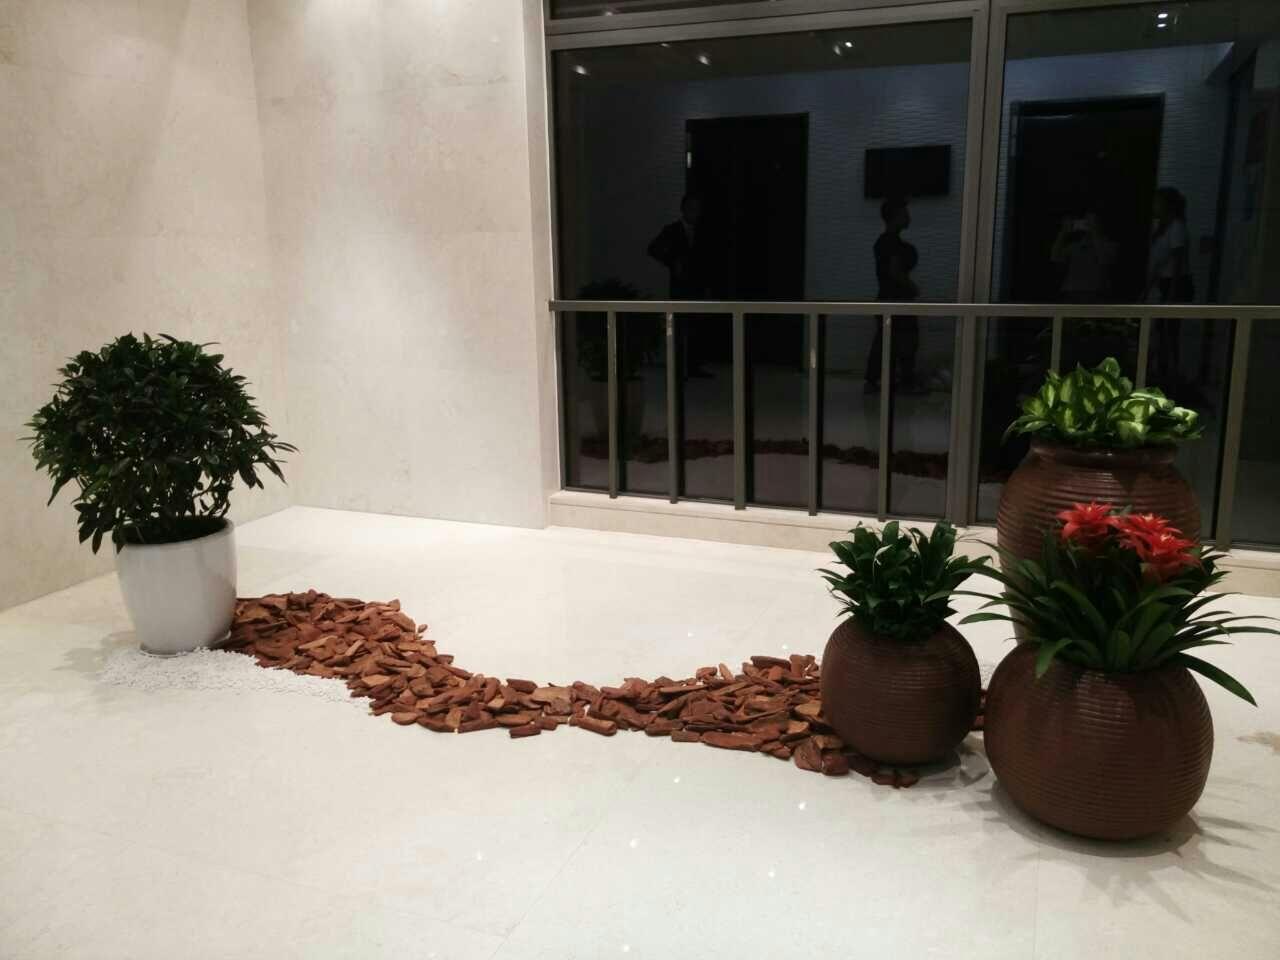 哈尔滨绿植墙|哈尔滨园林绿化工程-哈尔滨花卉租赁找哈尔滨书雅